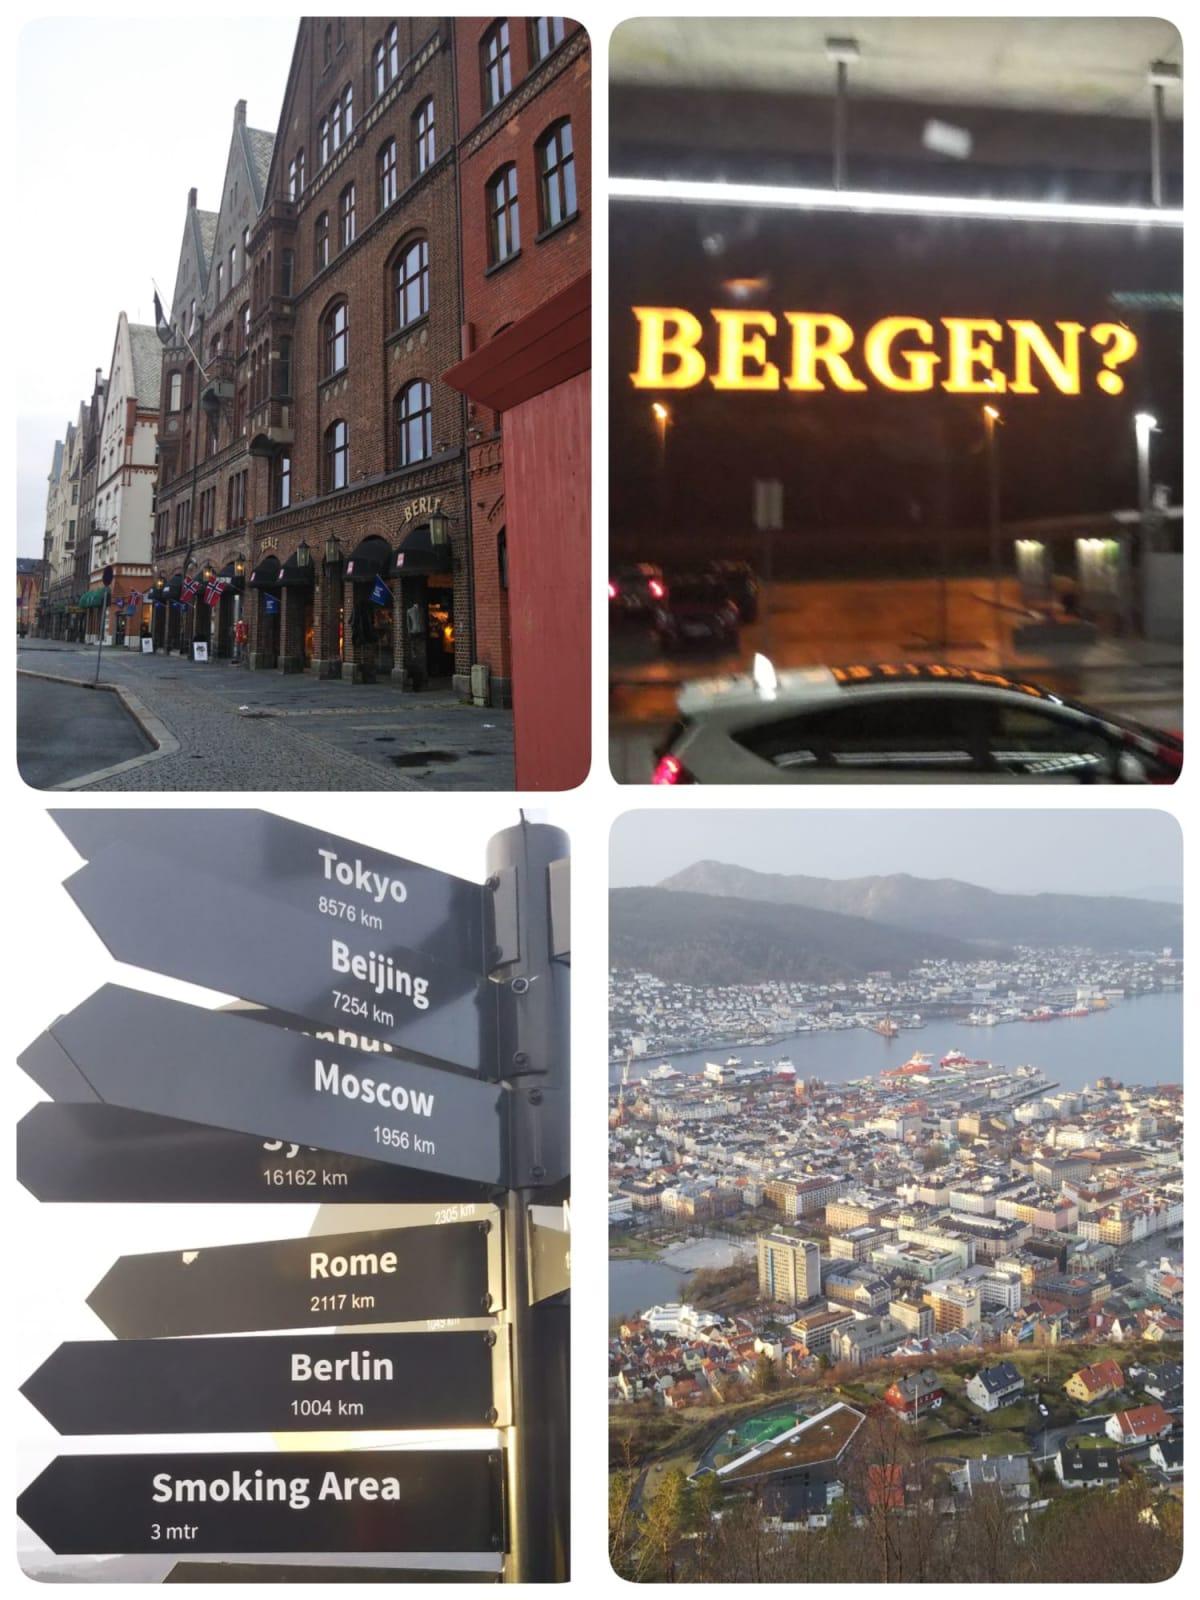 ベルゲン→ブリッゲンの街並み・フロイエン山頂から街を一望。山頂に東京までの距離が記されていました。